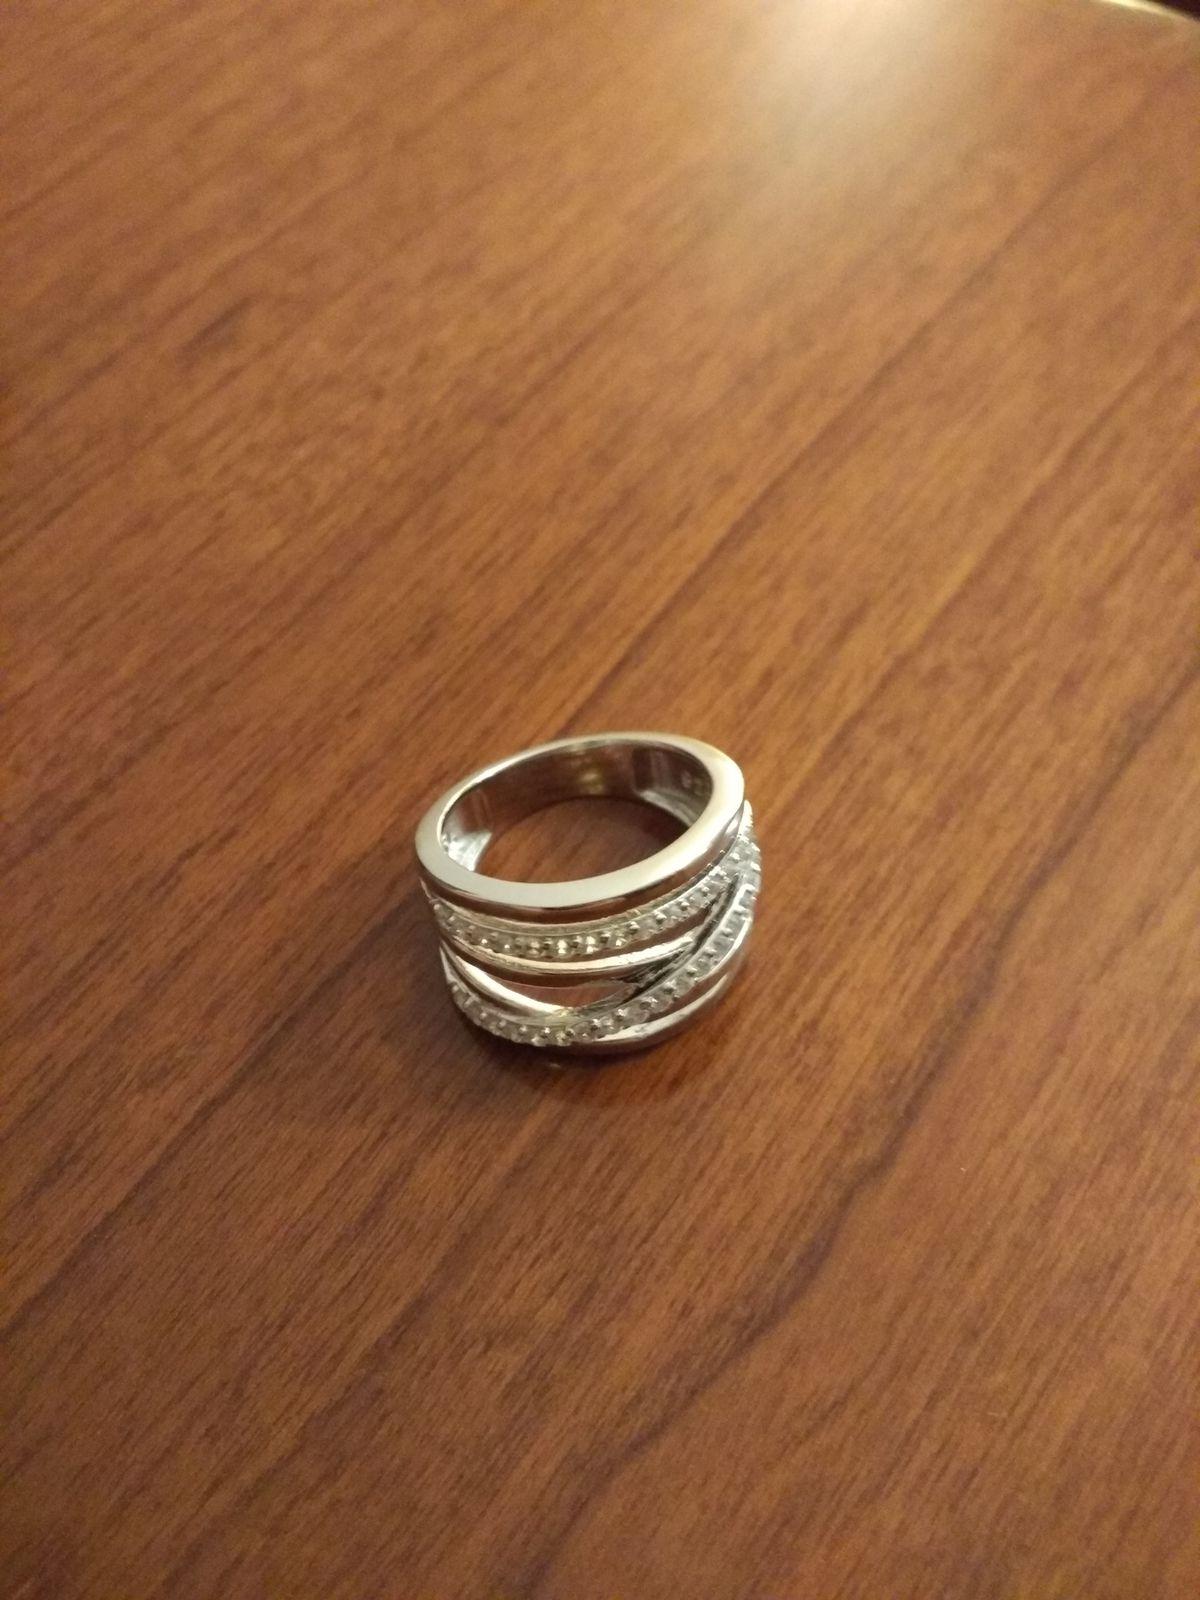 Кольцо  красивое и необычное его можно носить с любым нарядом с джинсами